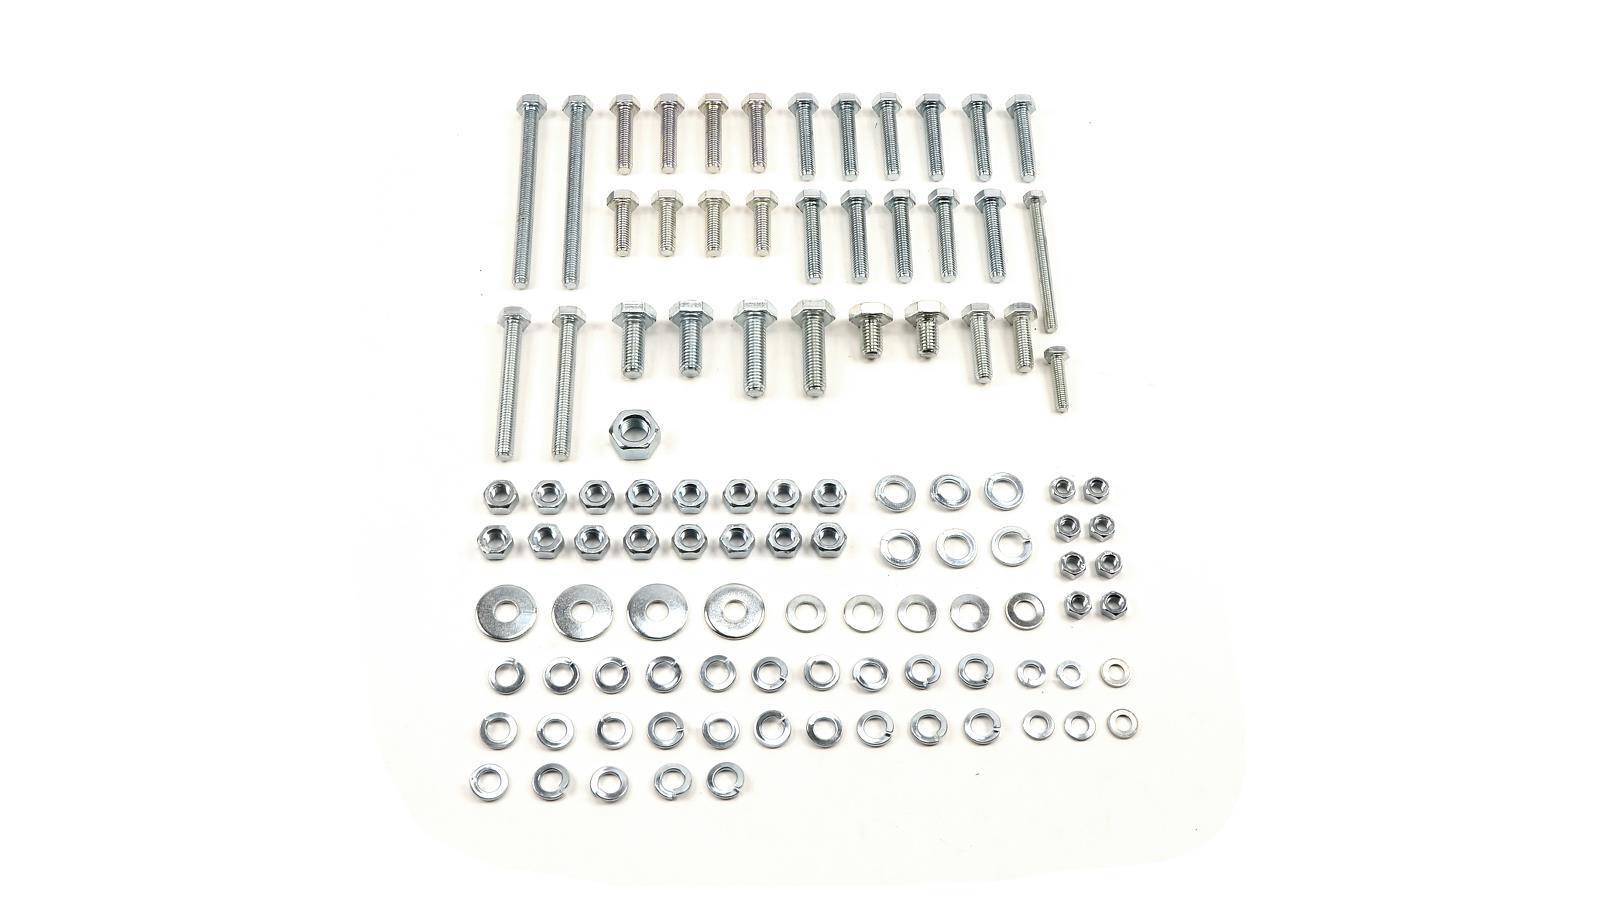 Normteile Satz für Rahmen (100 Teile) TS250, TS250/1, 23,99 &eur